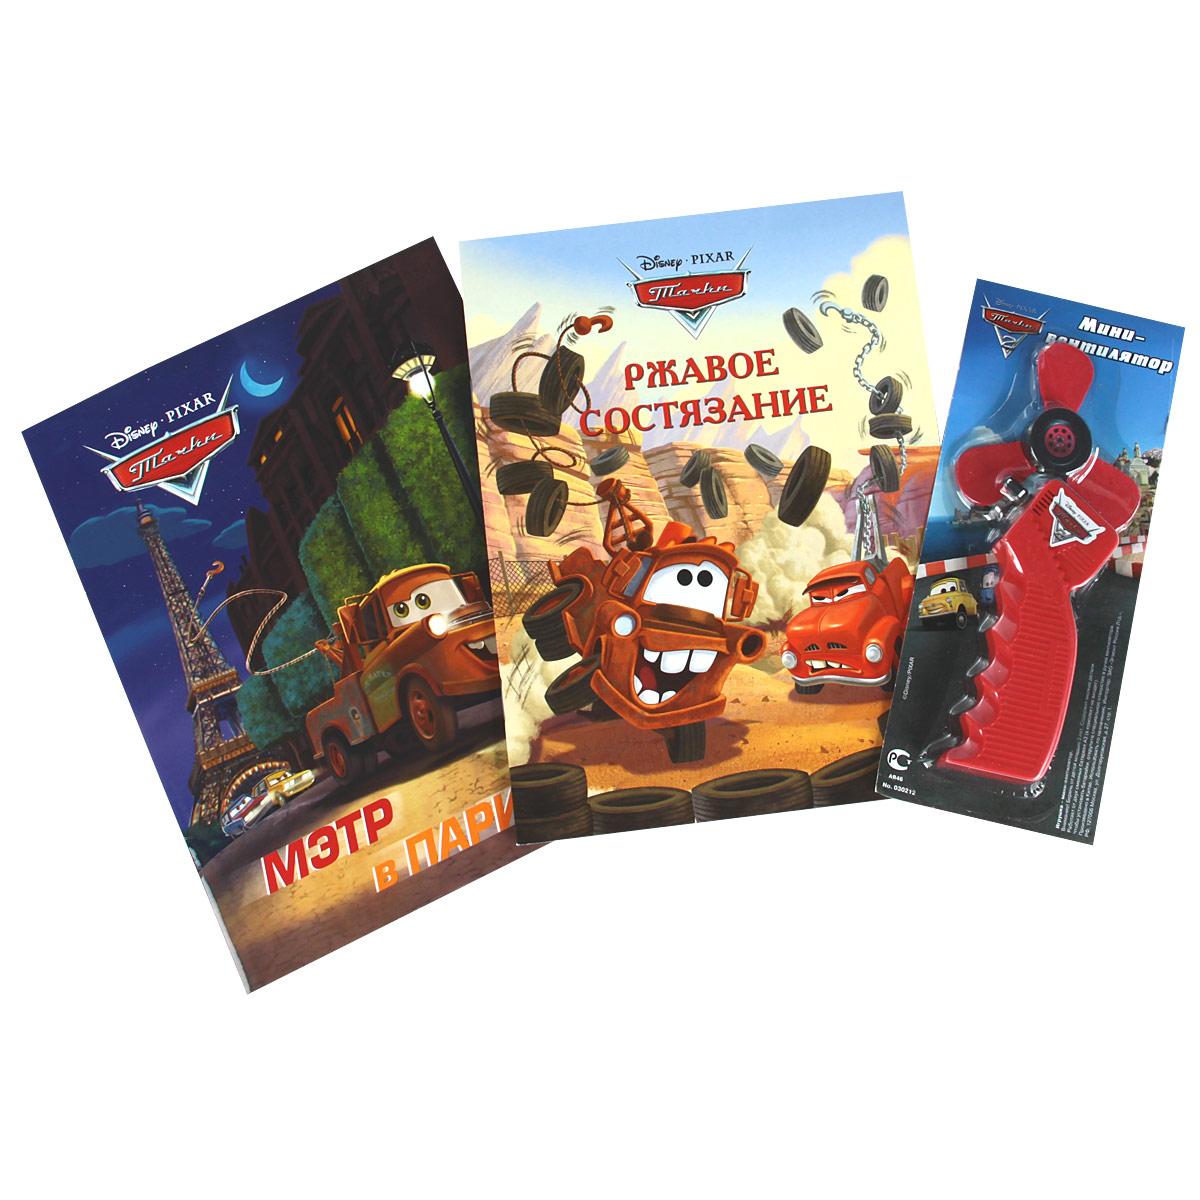 Догоняйка. Тачки (комплект из 2 книг + игрушка) ( 978-5-9539-6671-9, 978-5-9539-7791-3, 978-5-9539-7361-8 )